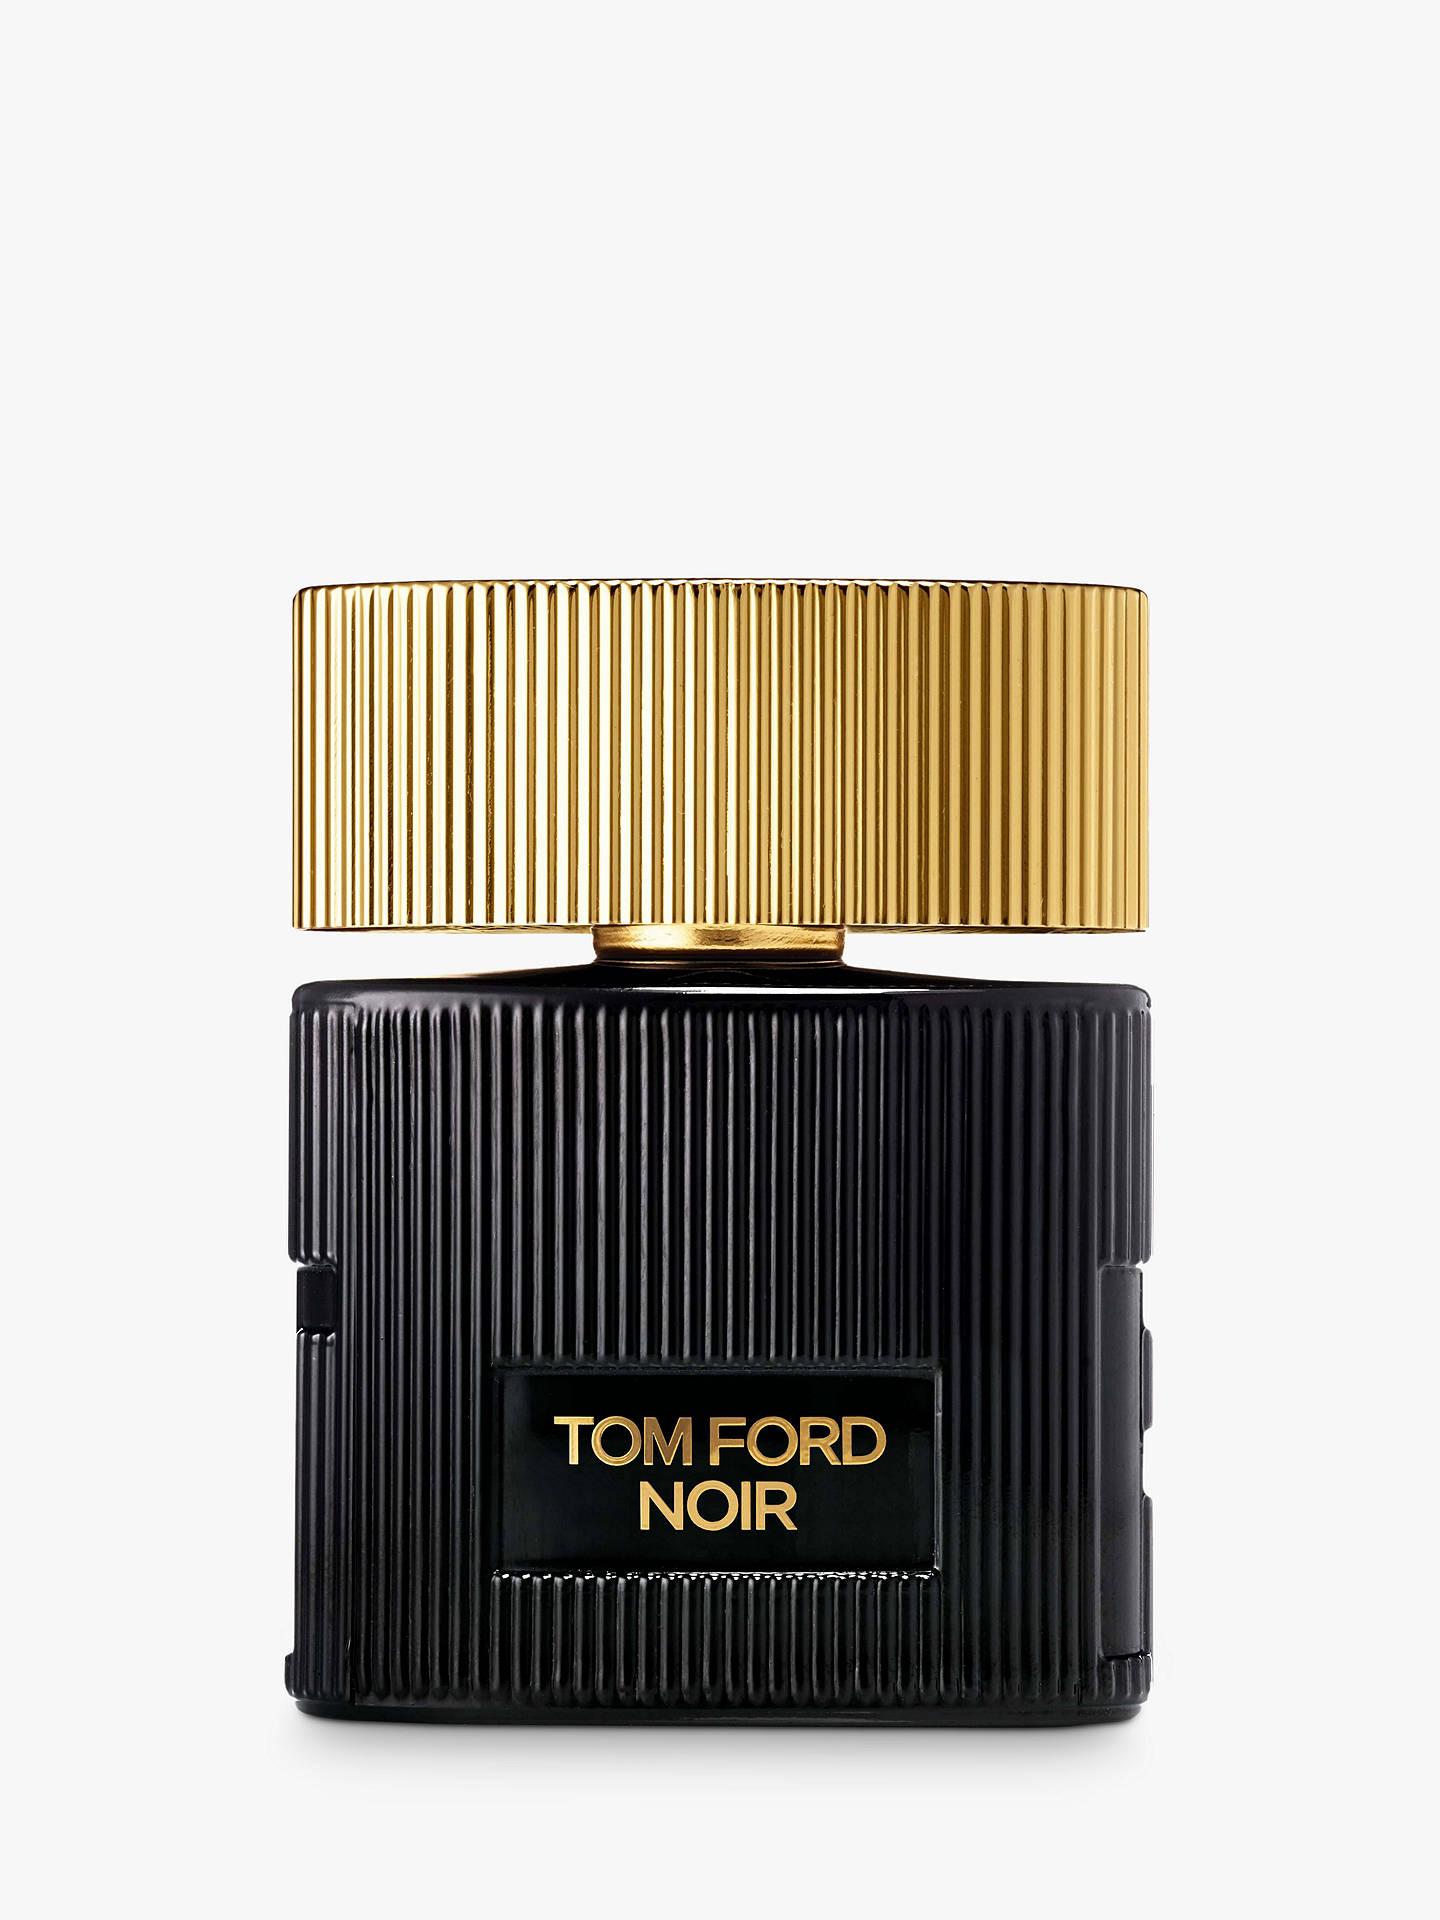 BuyTOM FORD Noir Pour Femme Eau de Parfum, 30ml Online at johnlewis.com 5b08a48fac10